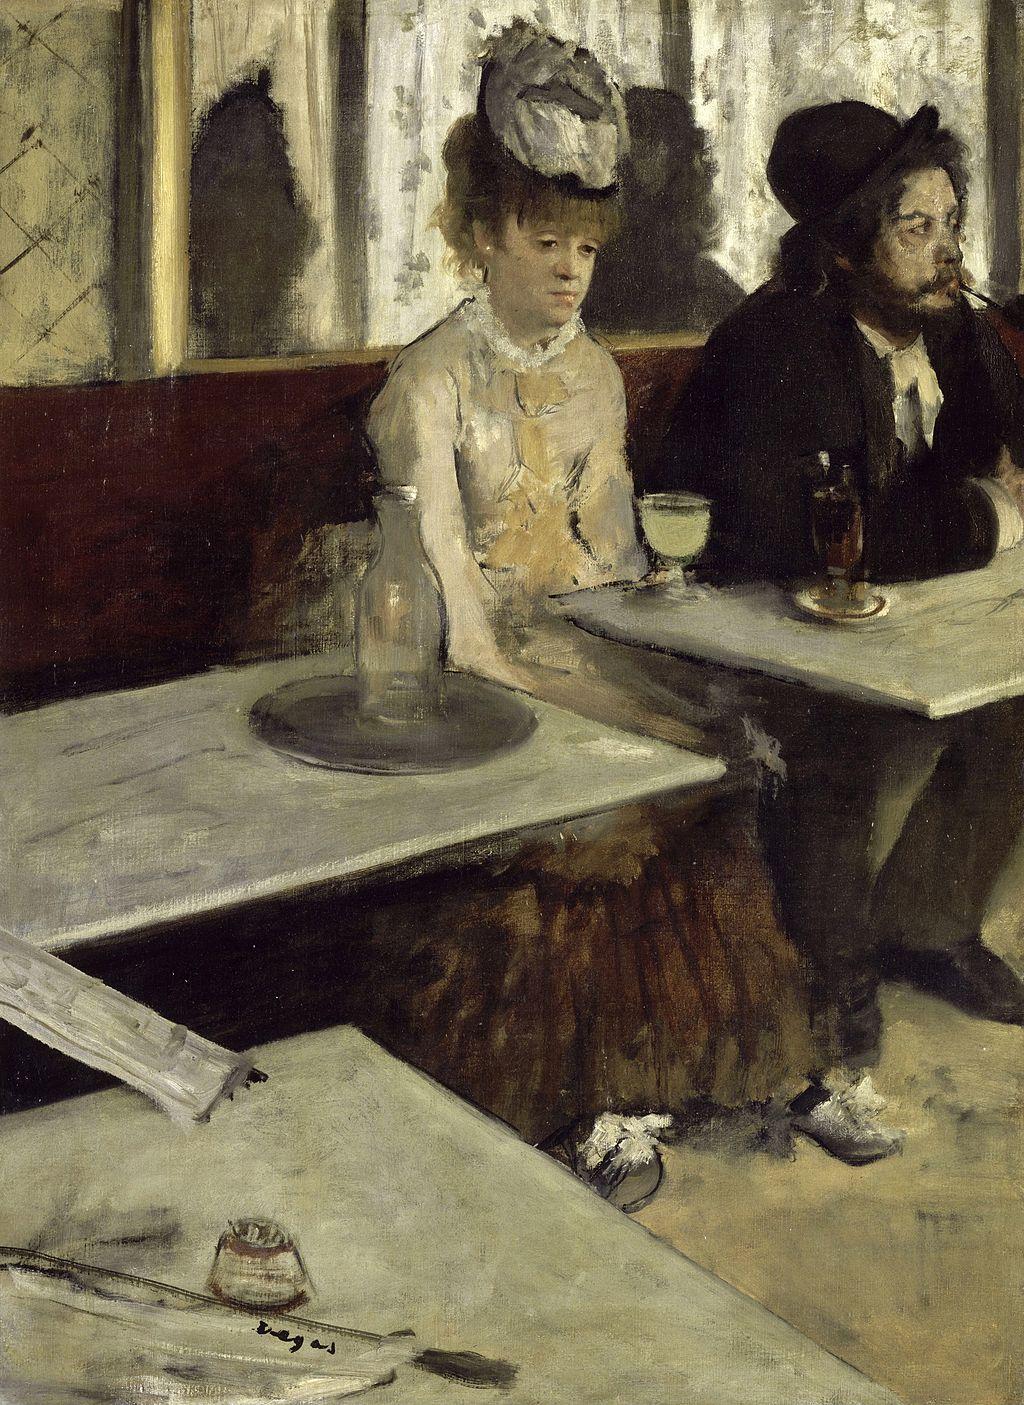 Edgar Degas, L'Absinthe (1875-76)